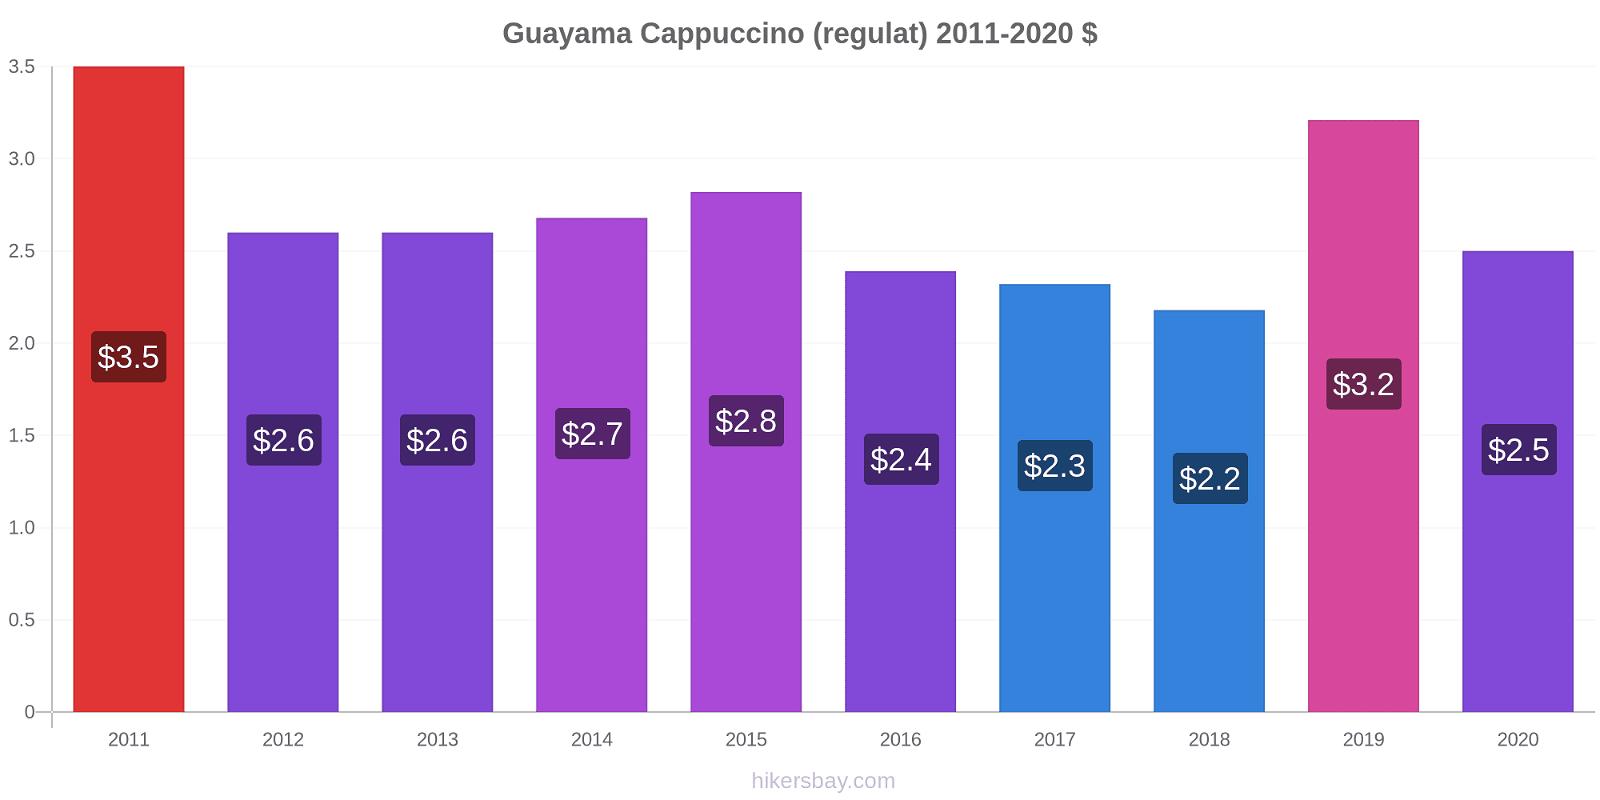 Guayama modificări de preț Cappuccino (regulat) hikersbay.com